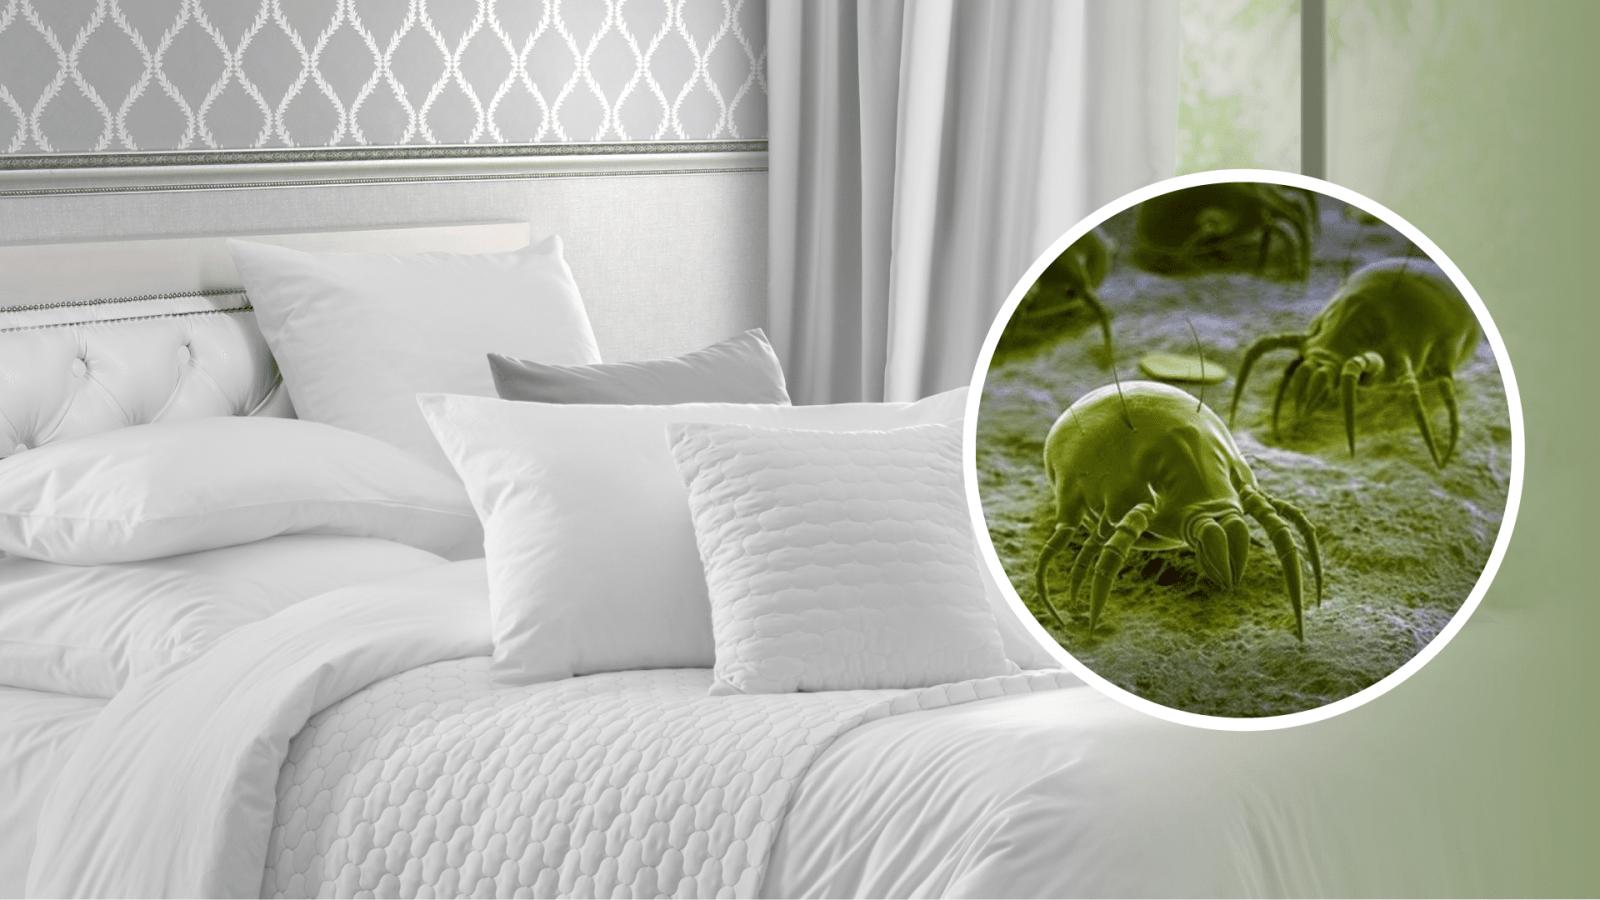 Saiba como lavar sua roupa de cama e se proteger dos ácaros